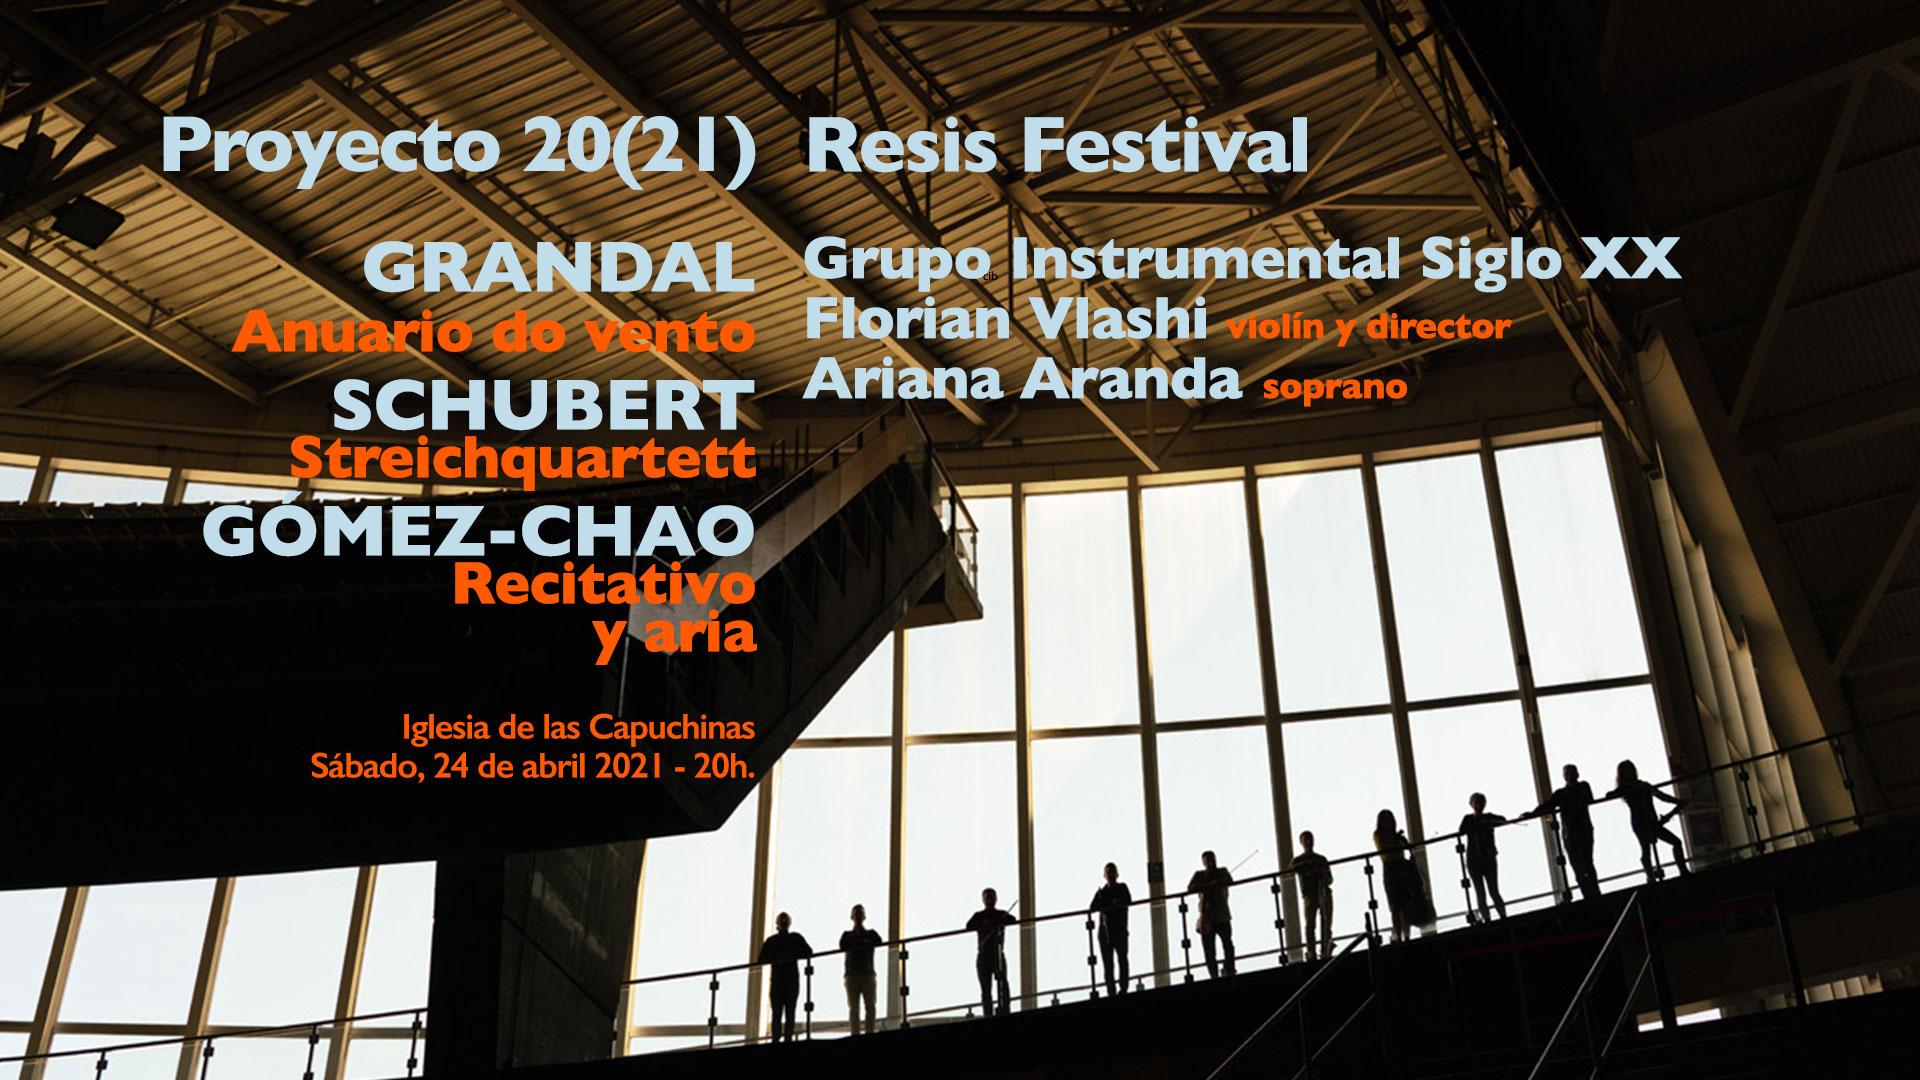 Proyecto 2020(21) Resis Festival - Grupo Instrumetal Siglo XX